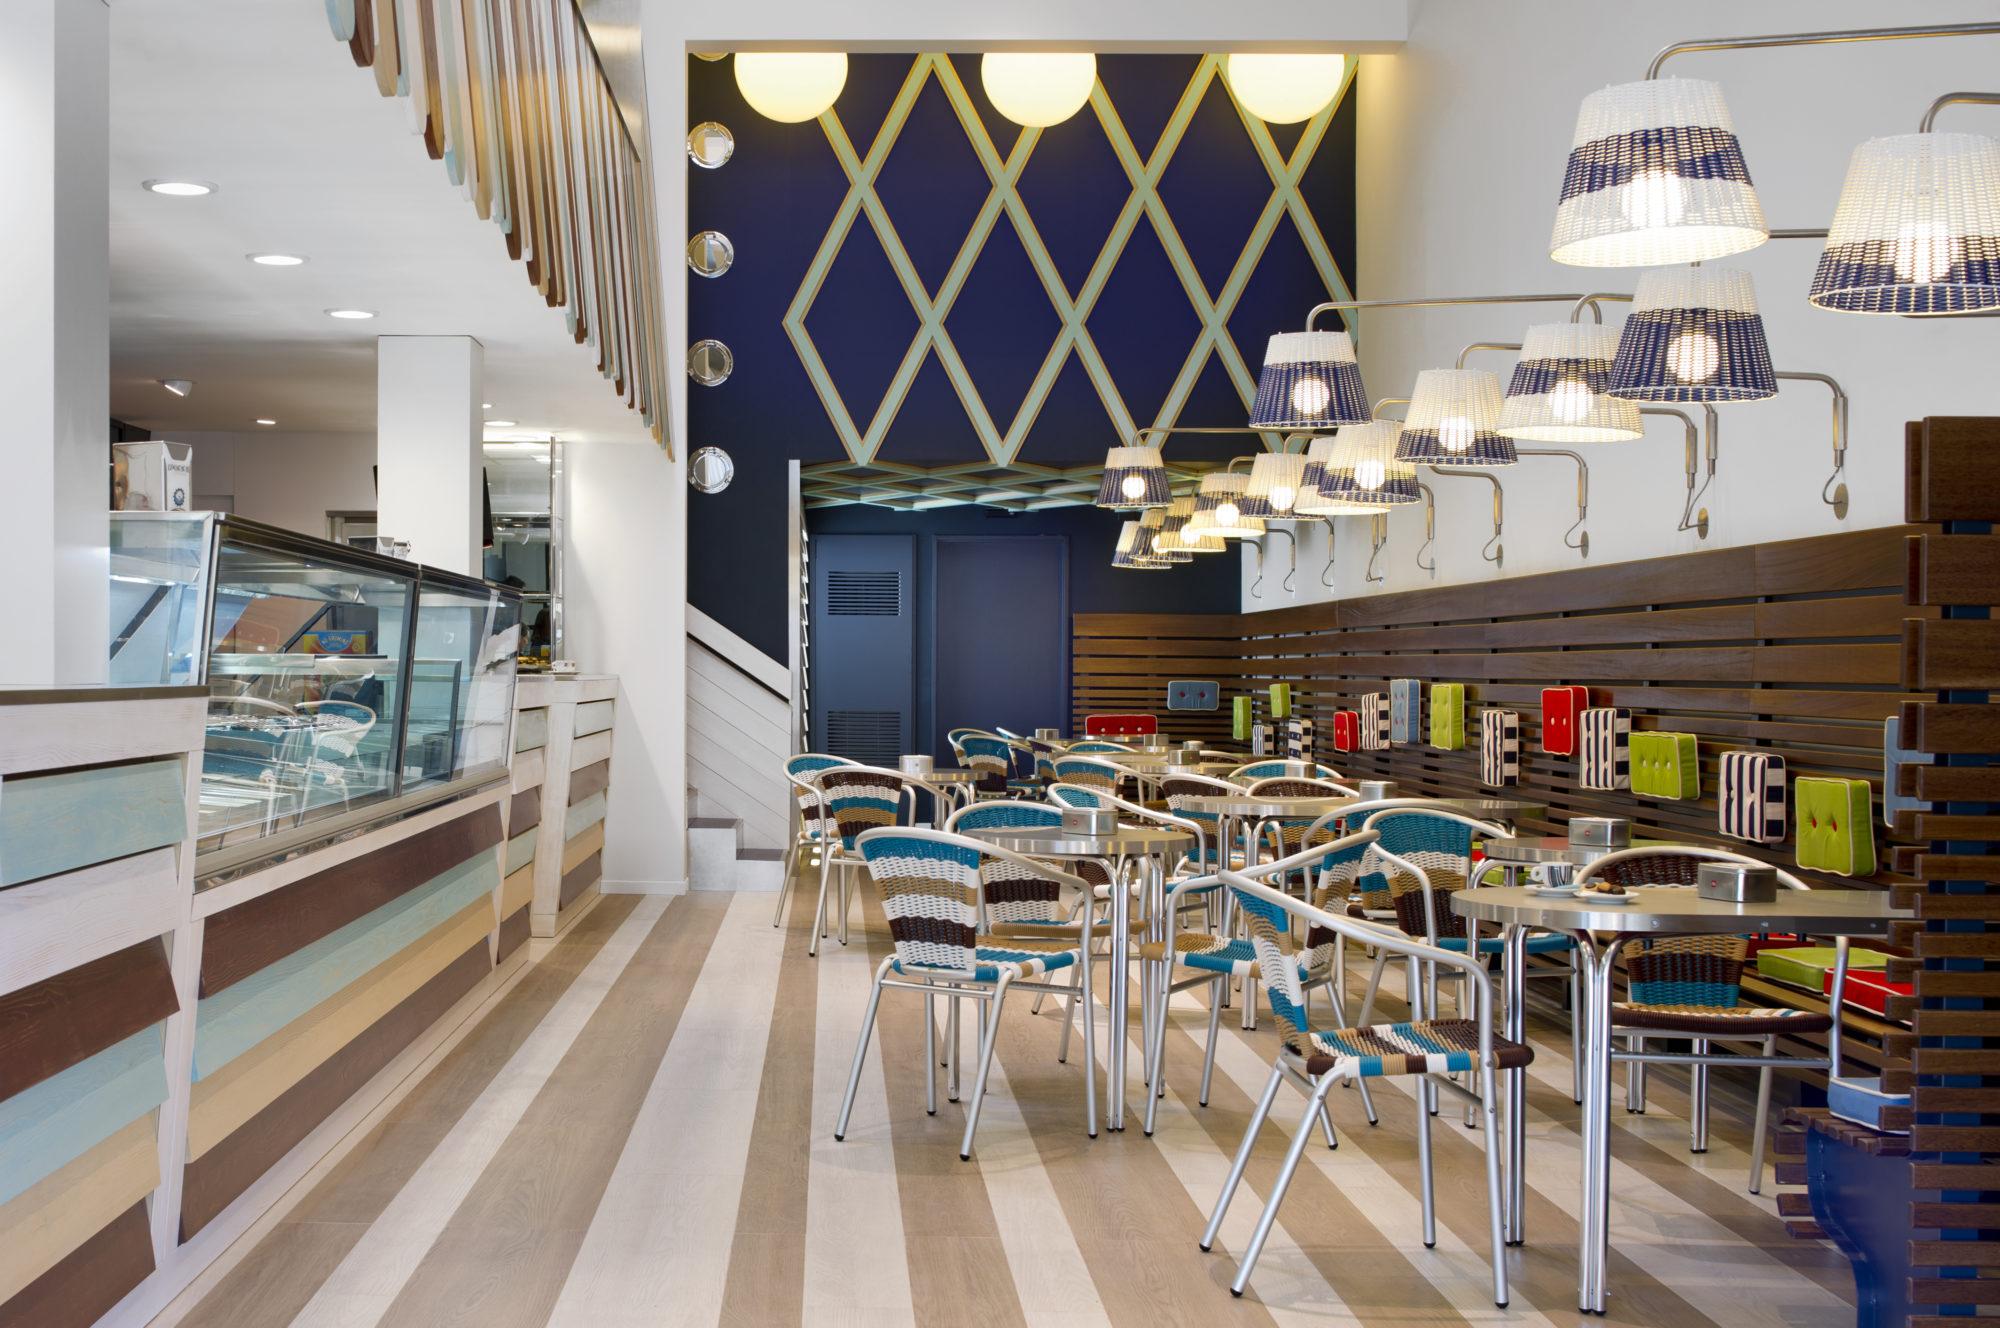 Architetto antonio gardoni interno del negozio for Arredamento architettura interni